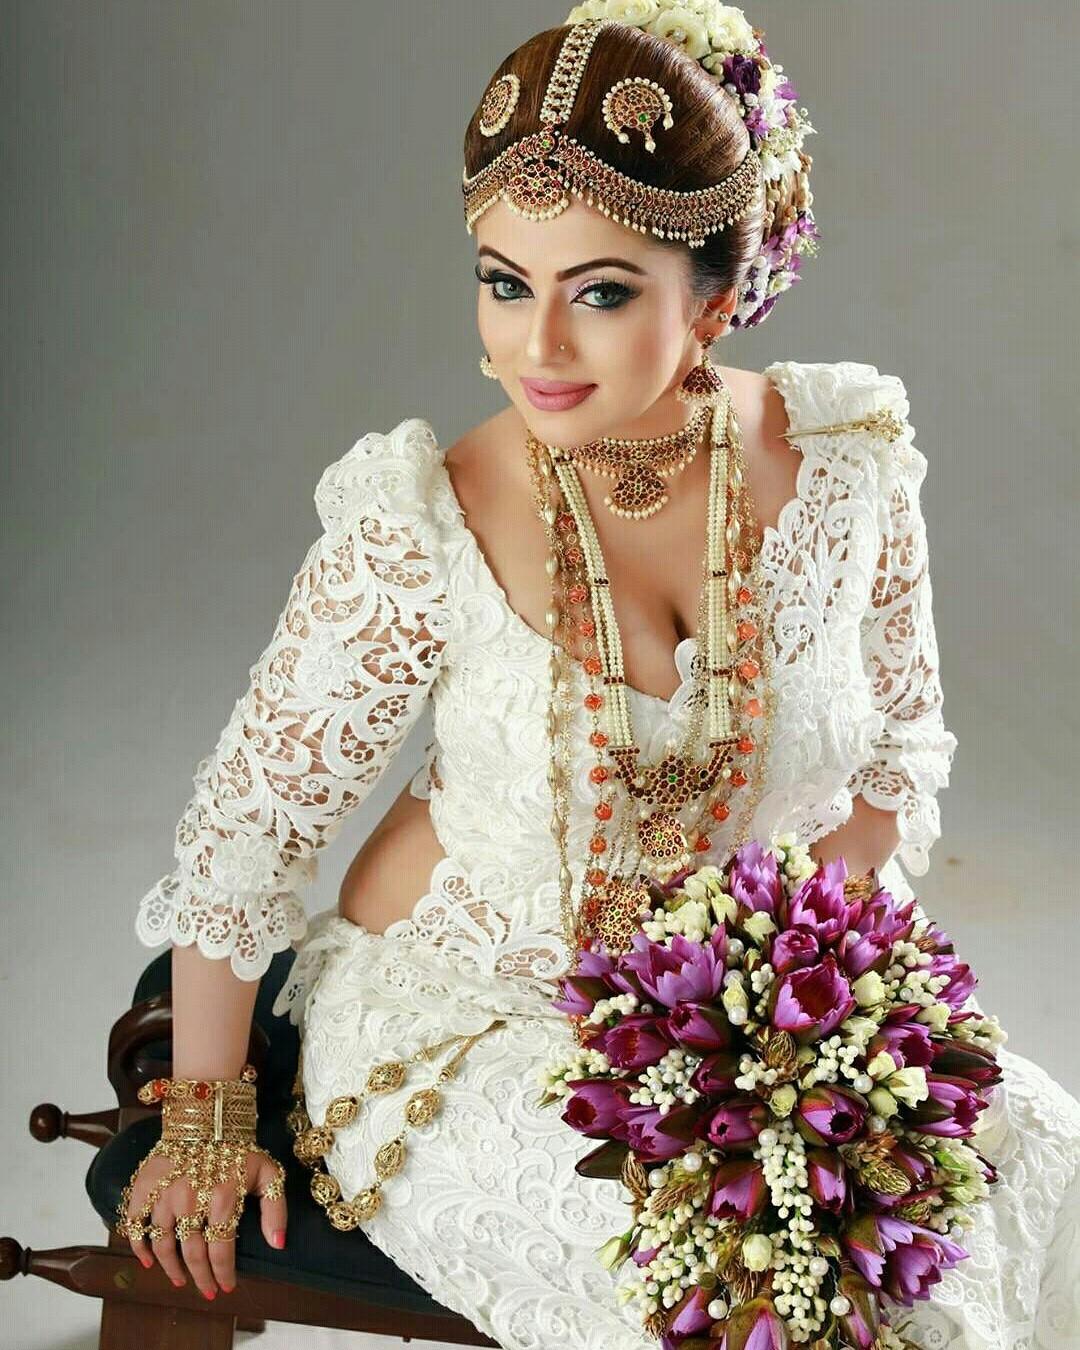 Actress & Models: Nathasha Perera